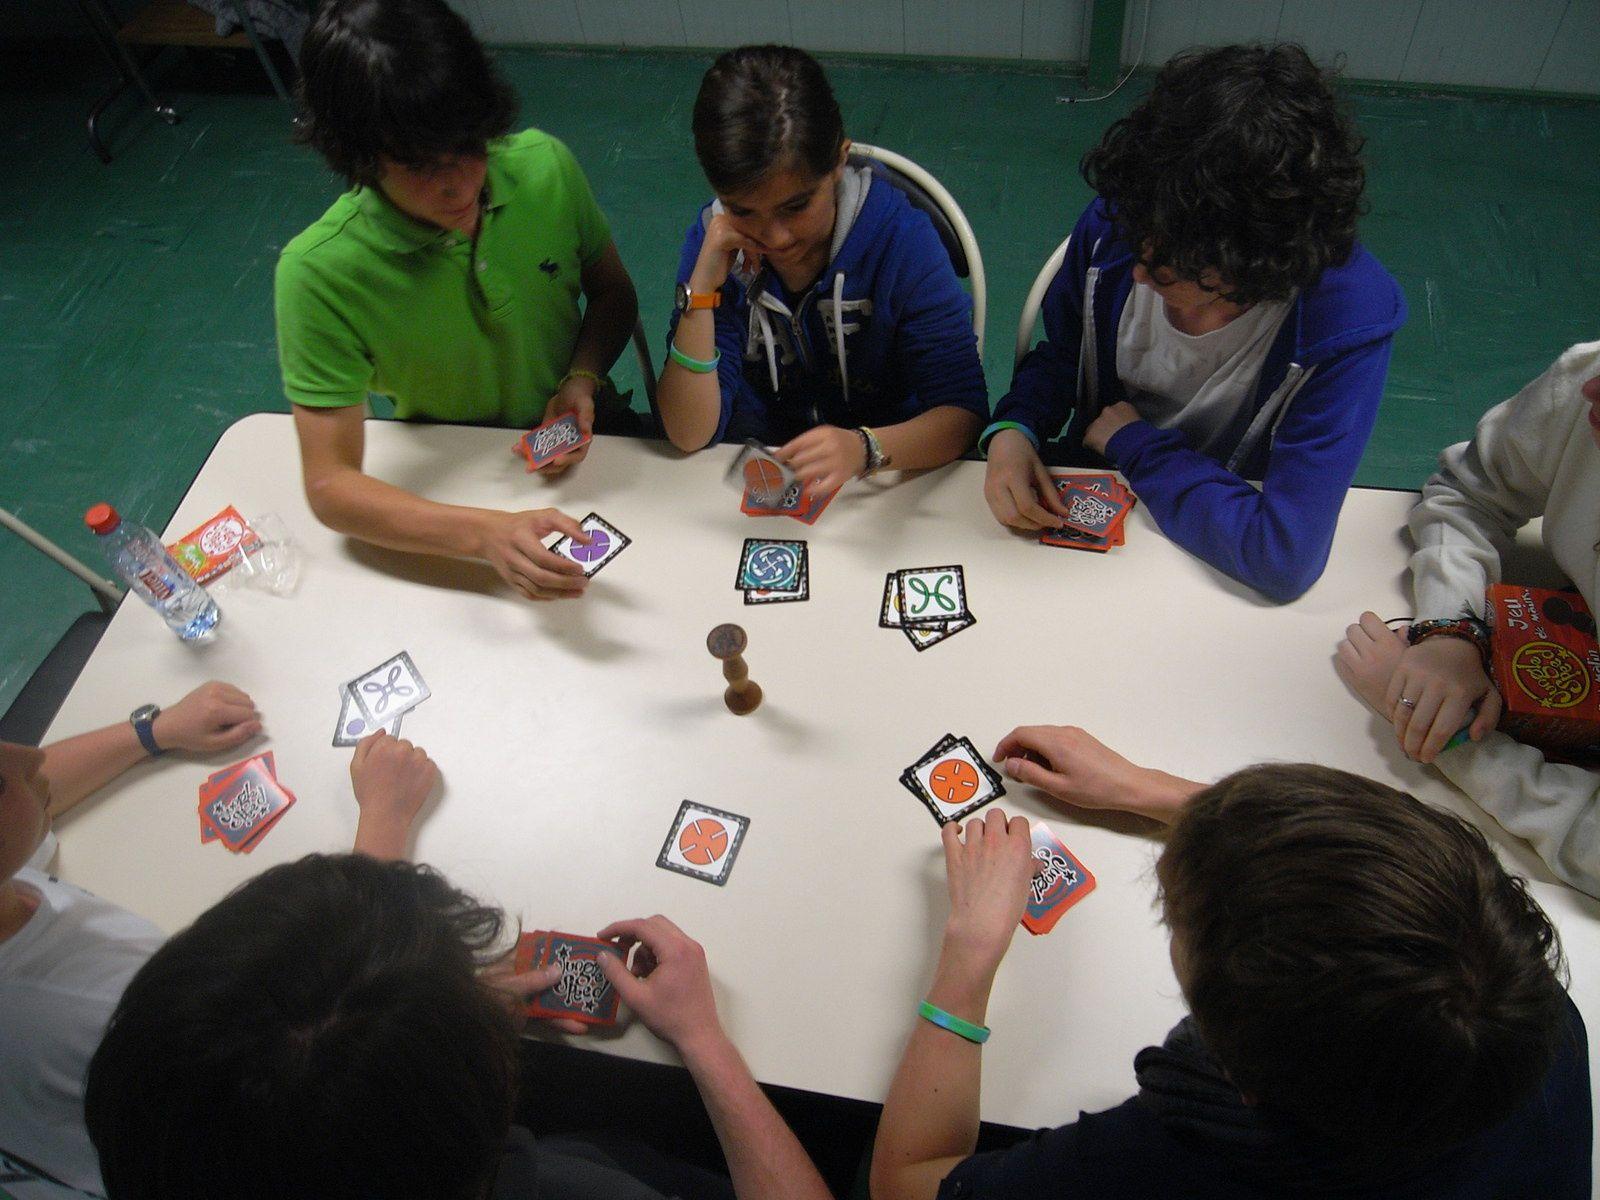 Jeux de cartes sous tension : allongement du bras ou stratégie… travaillez les qualités de l'escrimeur sans les armes !